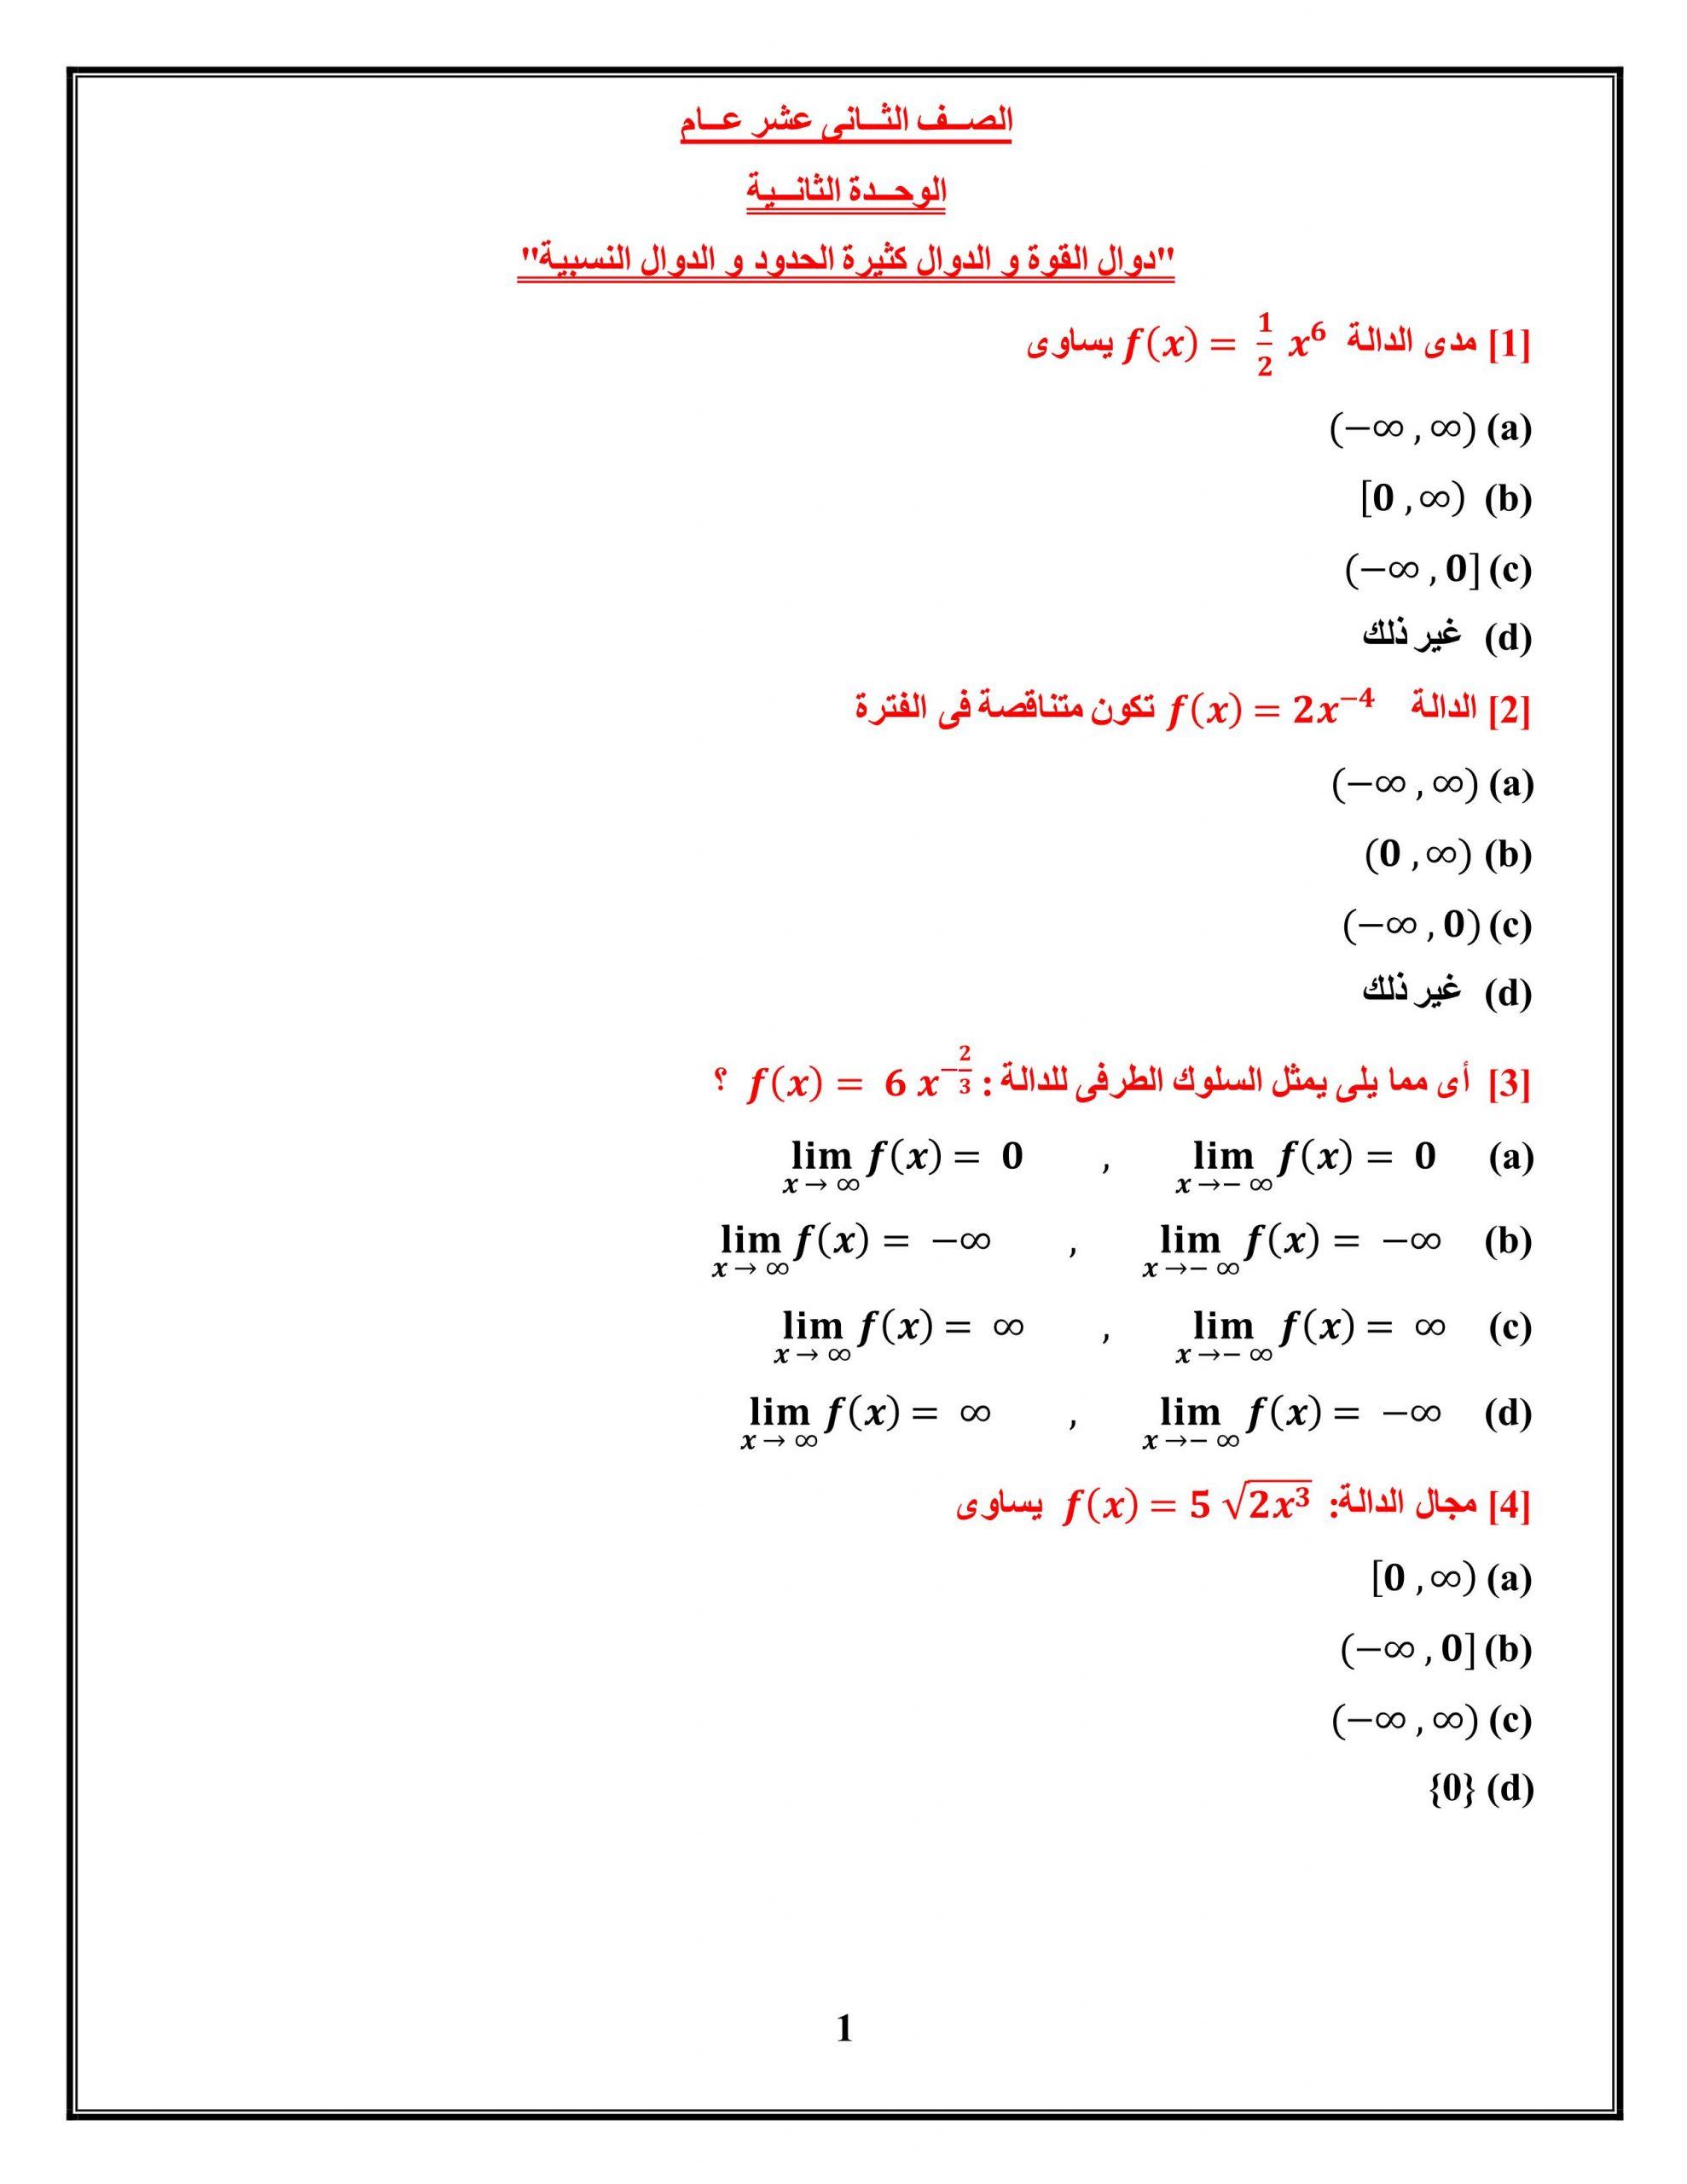 حل اوراق عمل دوال القوة و الدوال كثيرة ا لحدود و الدوال النسبية الصف الثاني عشر عام مادة الرياضيات المتكاملة